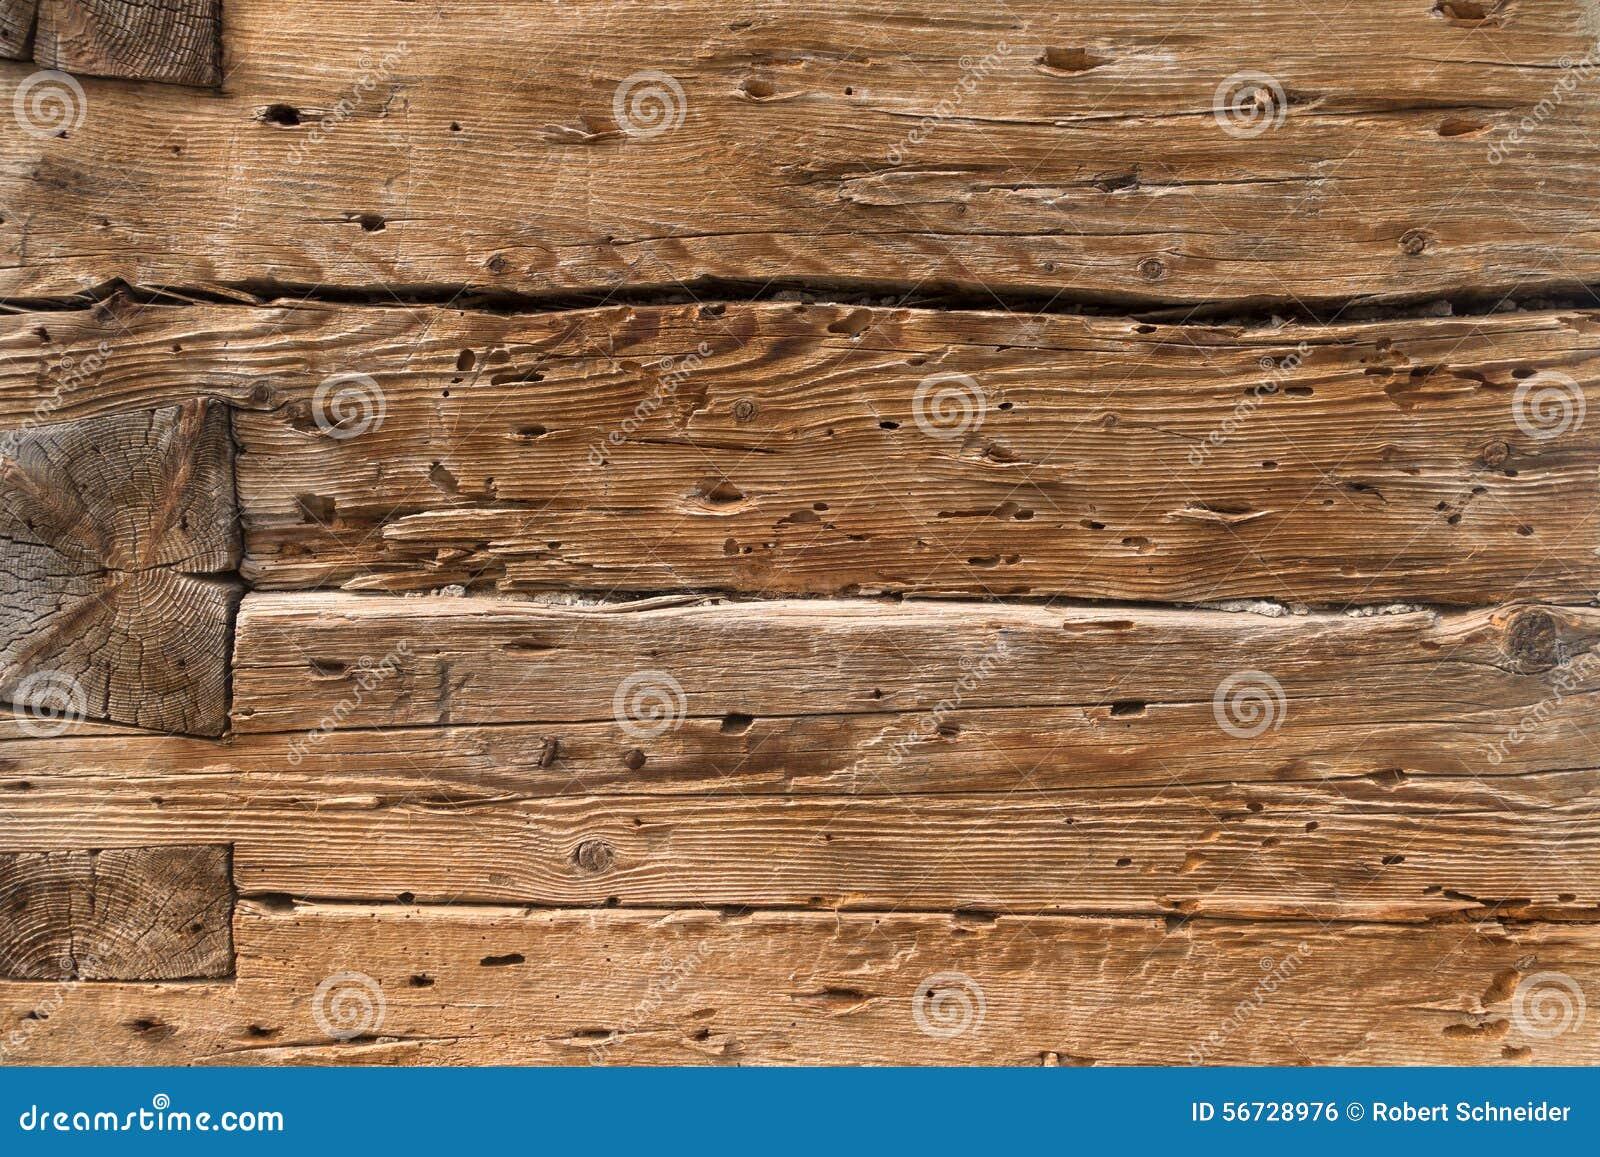 Bau von alten holzbalken stockfoto   bild: 56728976